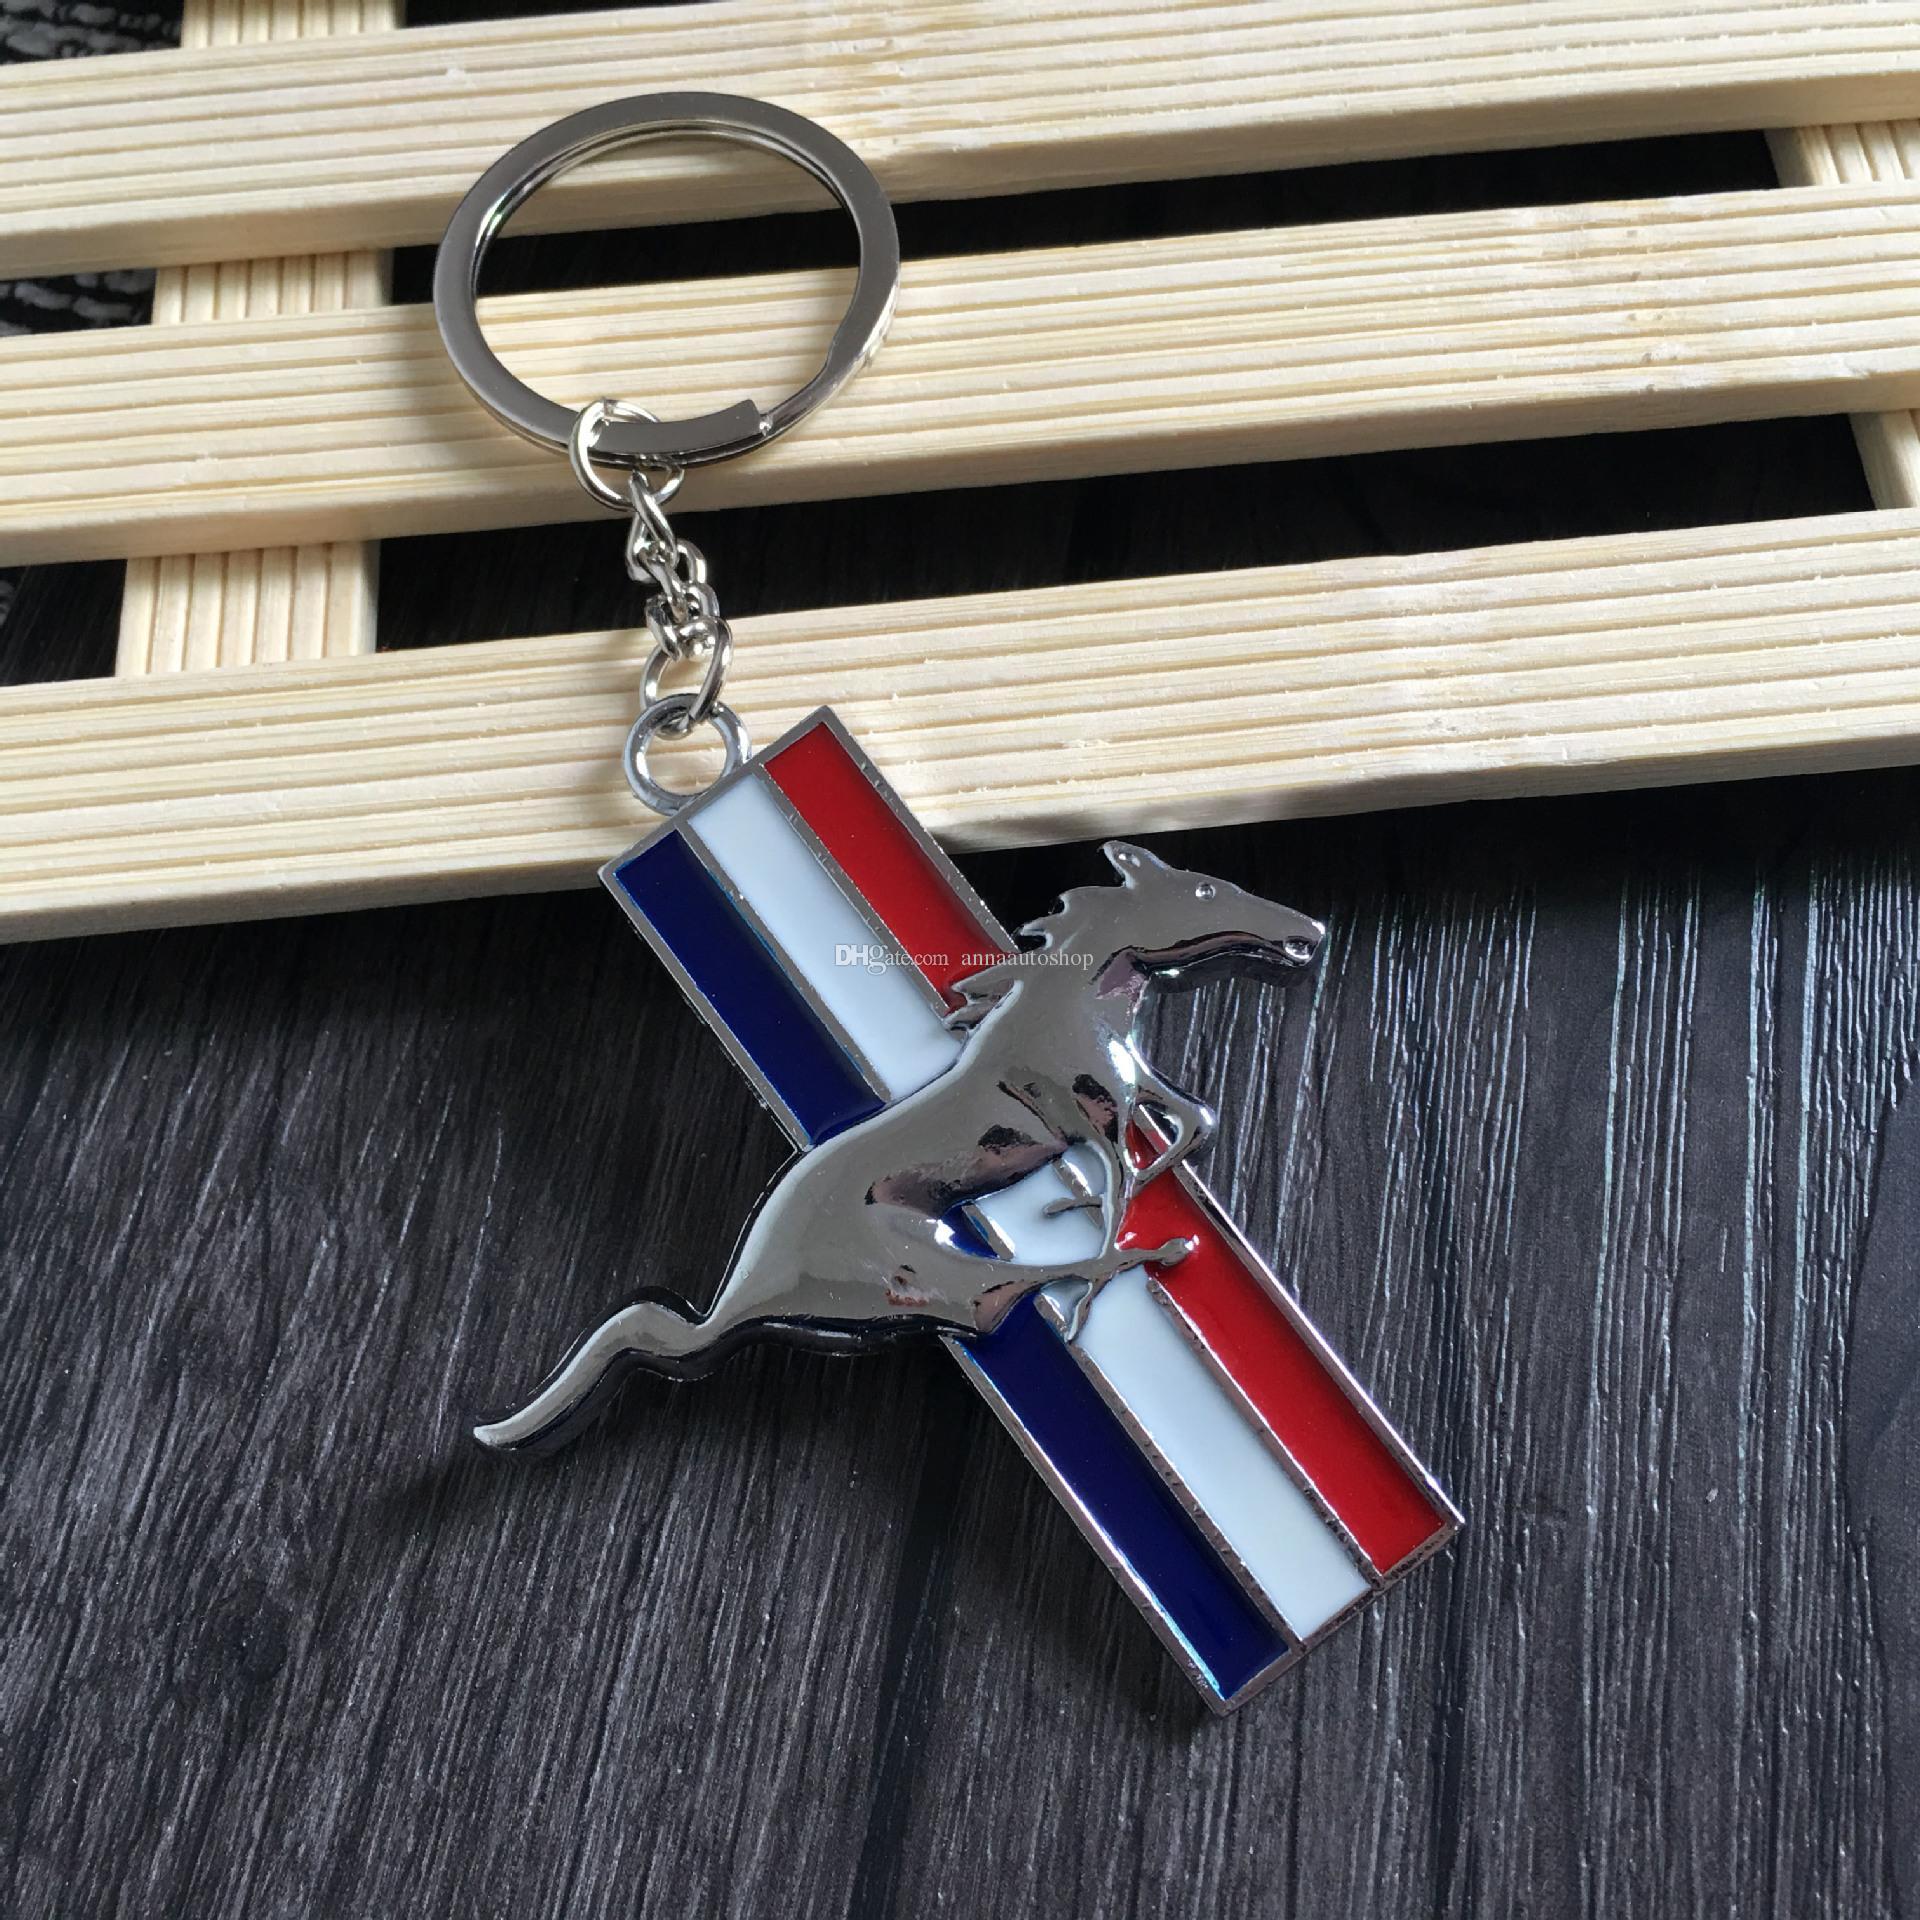 Ford Mustang için 2017 yeni Araba Styling 3D Logosu Metal Anahtarlık kişilik Logosu Kolye Hediye araba Mustang logosu amblem anahtarlık ...